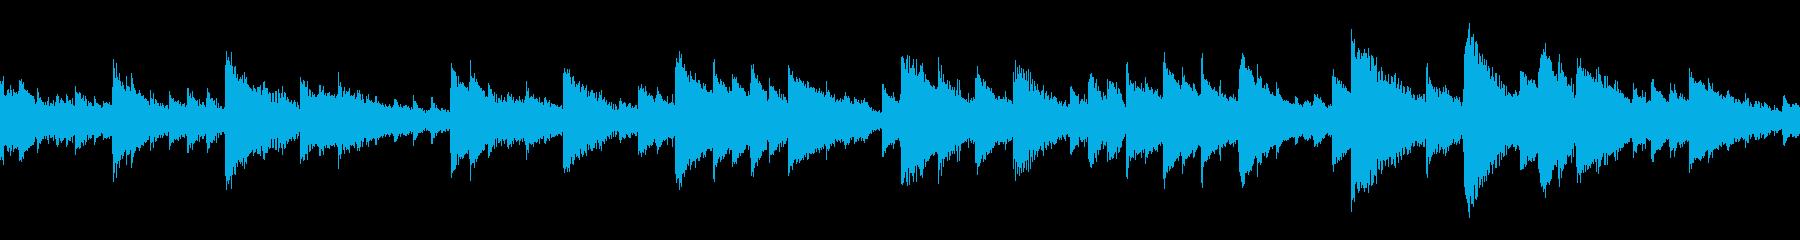 神秘的な雰囲気の謎解き系BGM:ループの再生済みの波形